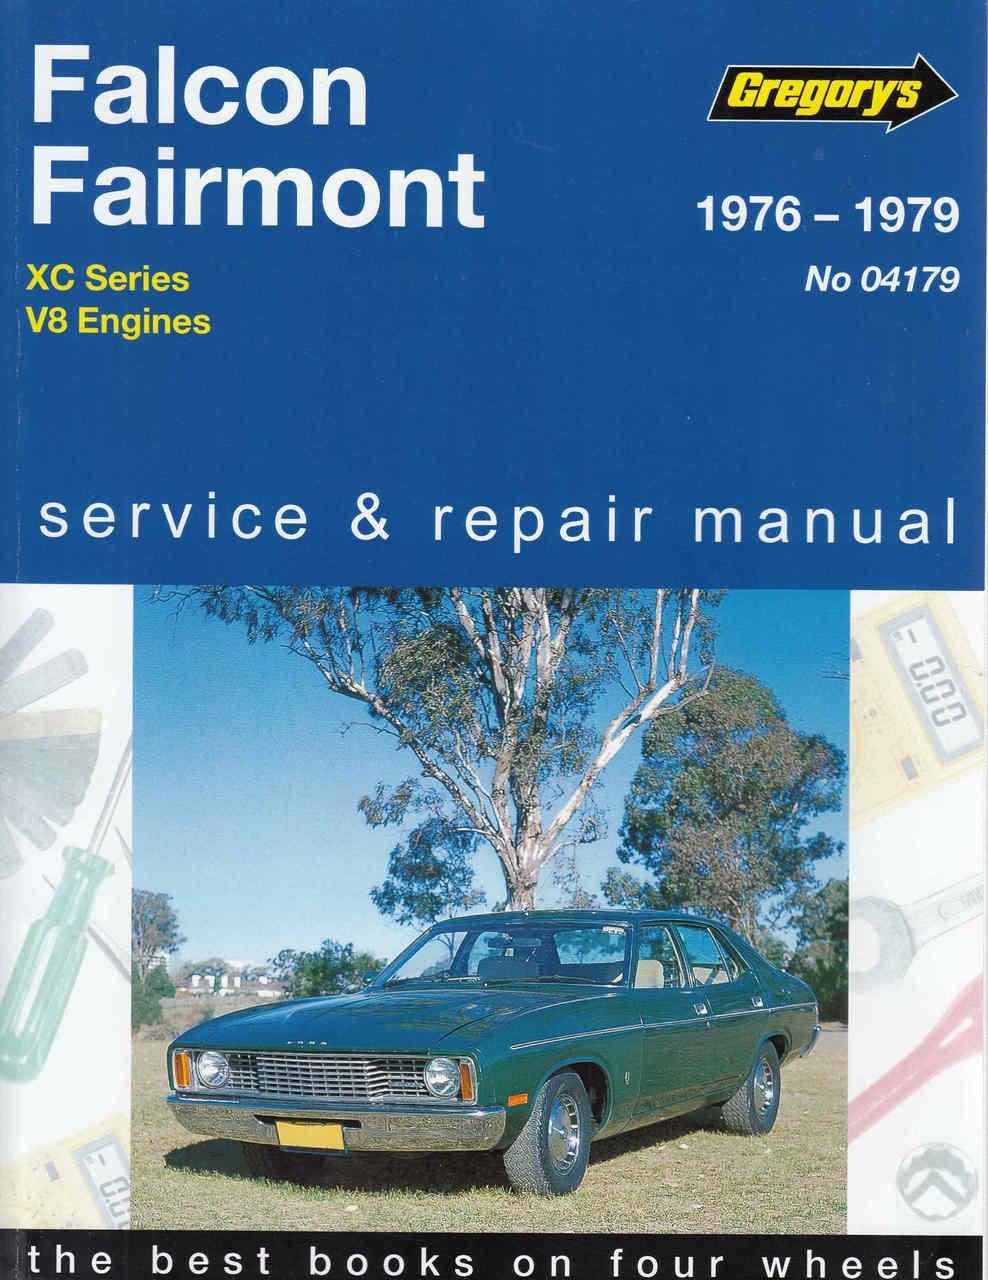 Ford Falcon Fairmont Xc Series 1976